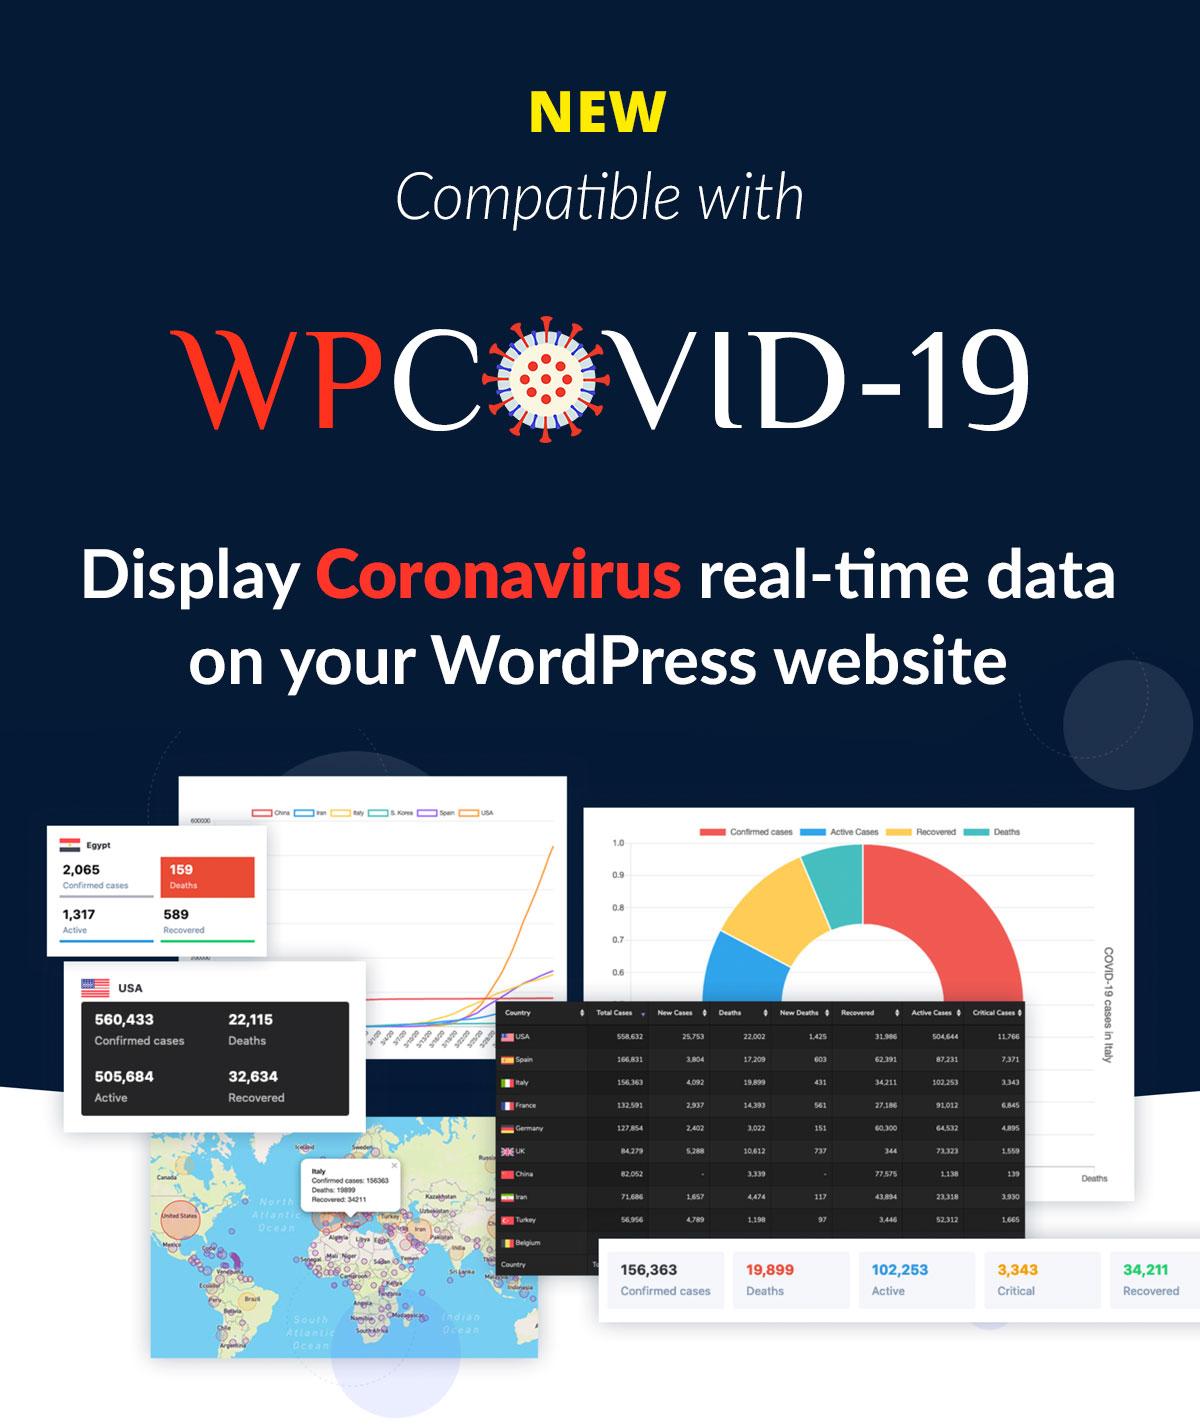 WPCOVID-19